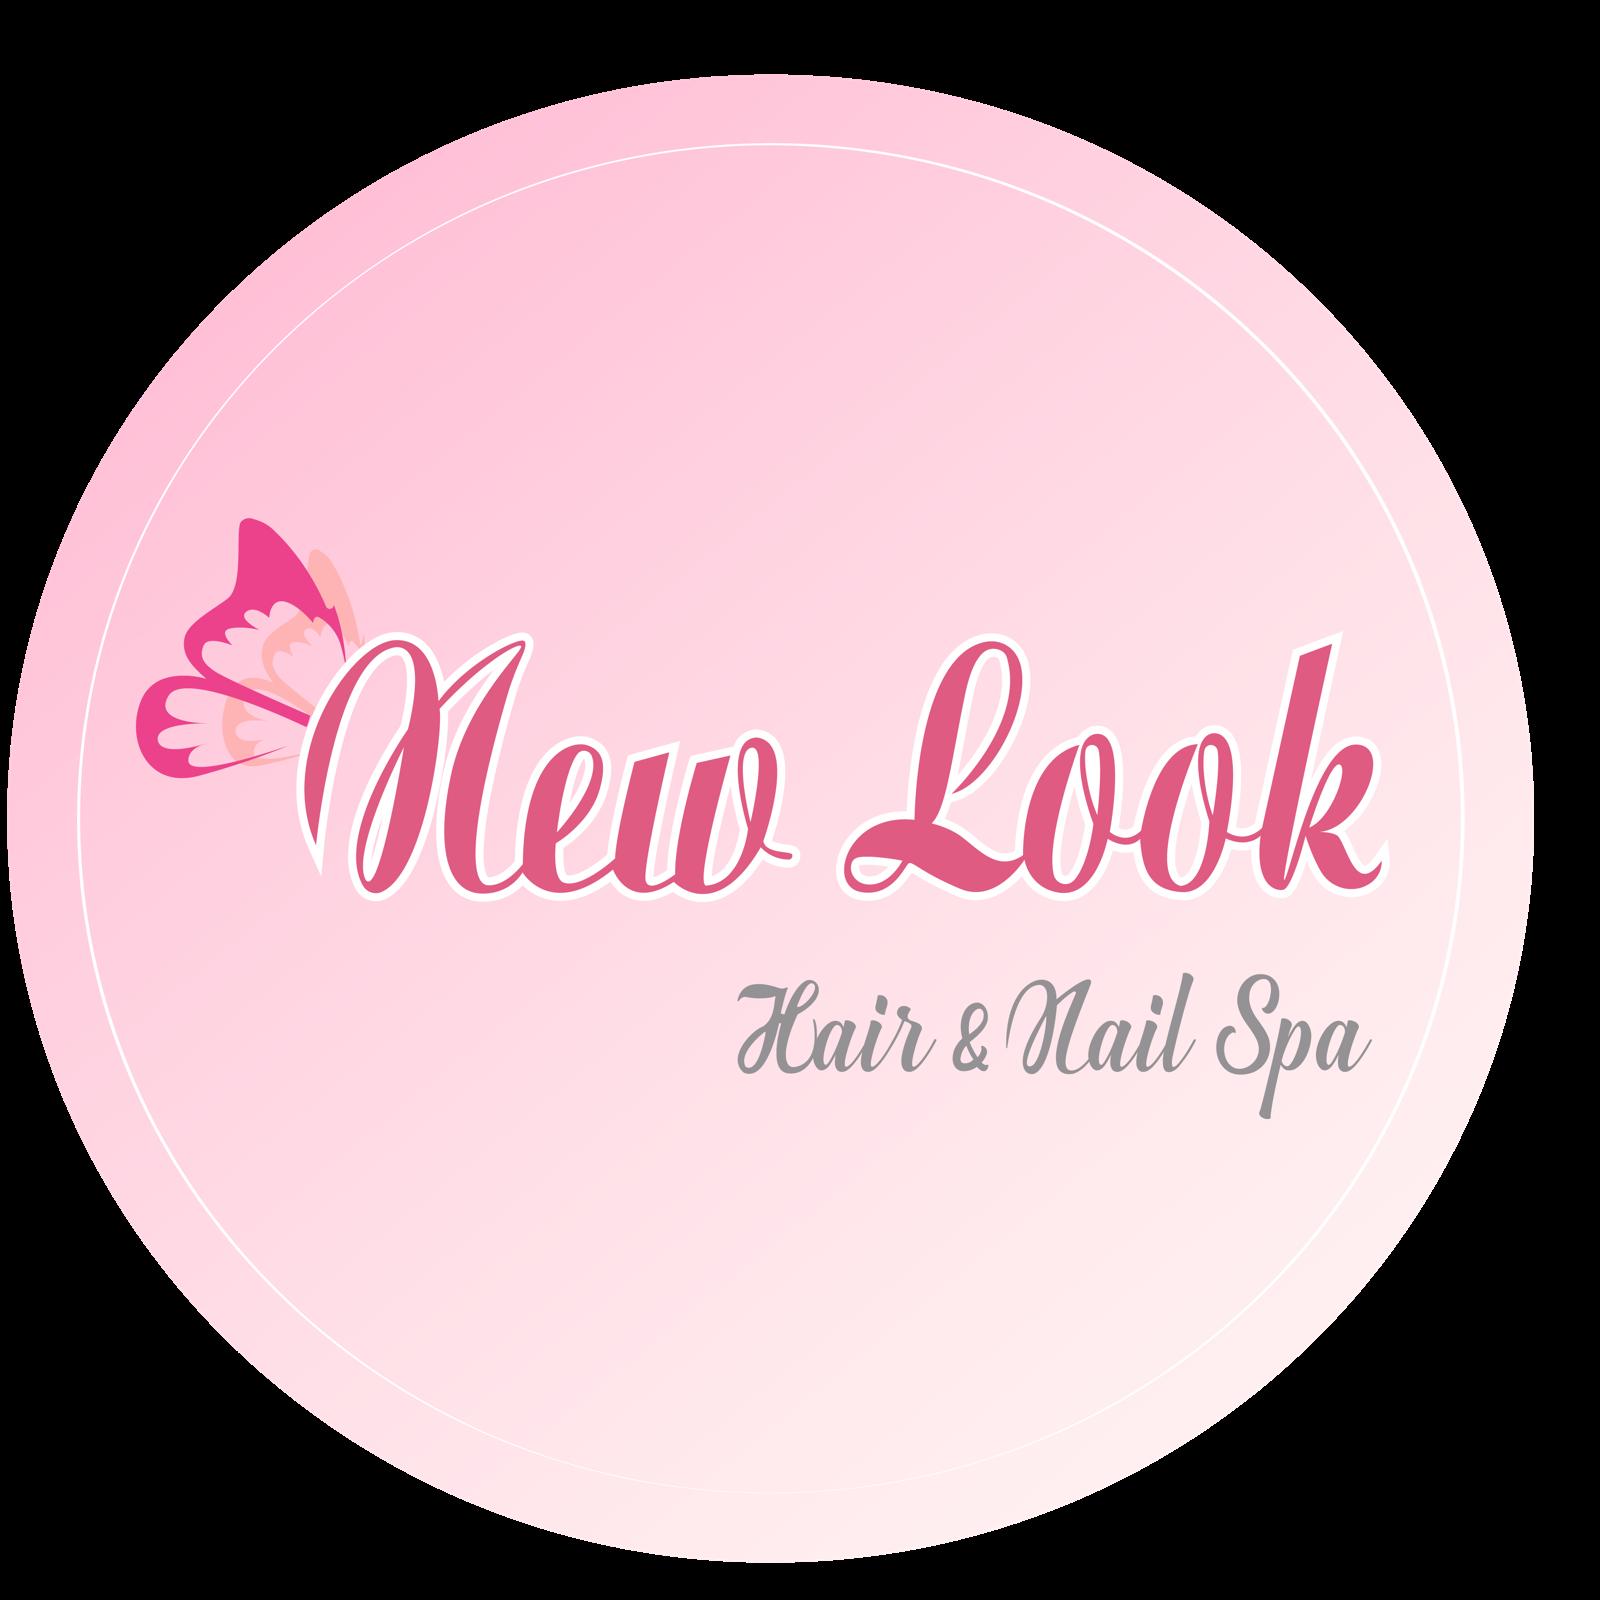 New Look Hair & Nail Spa